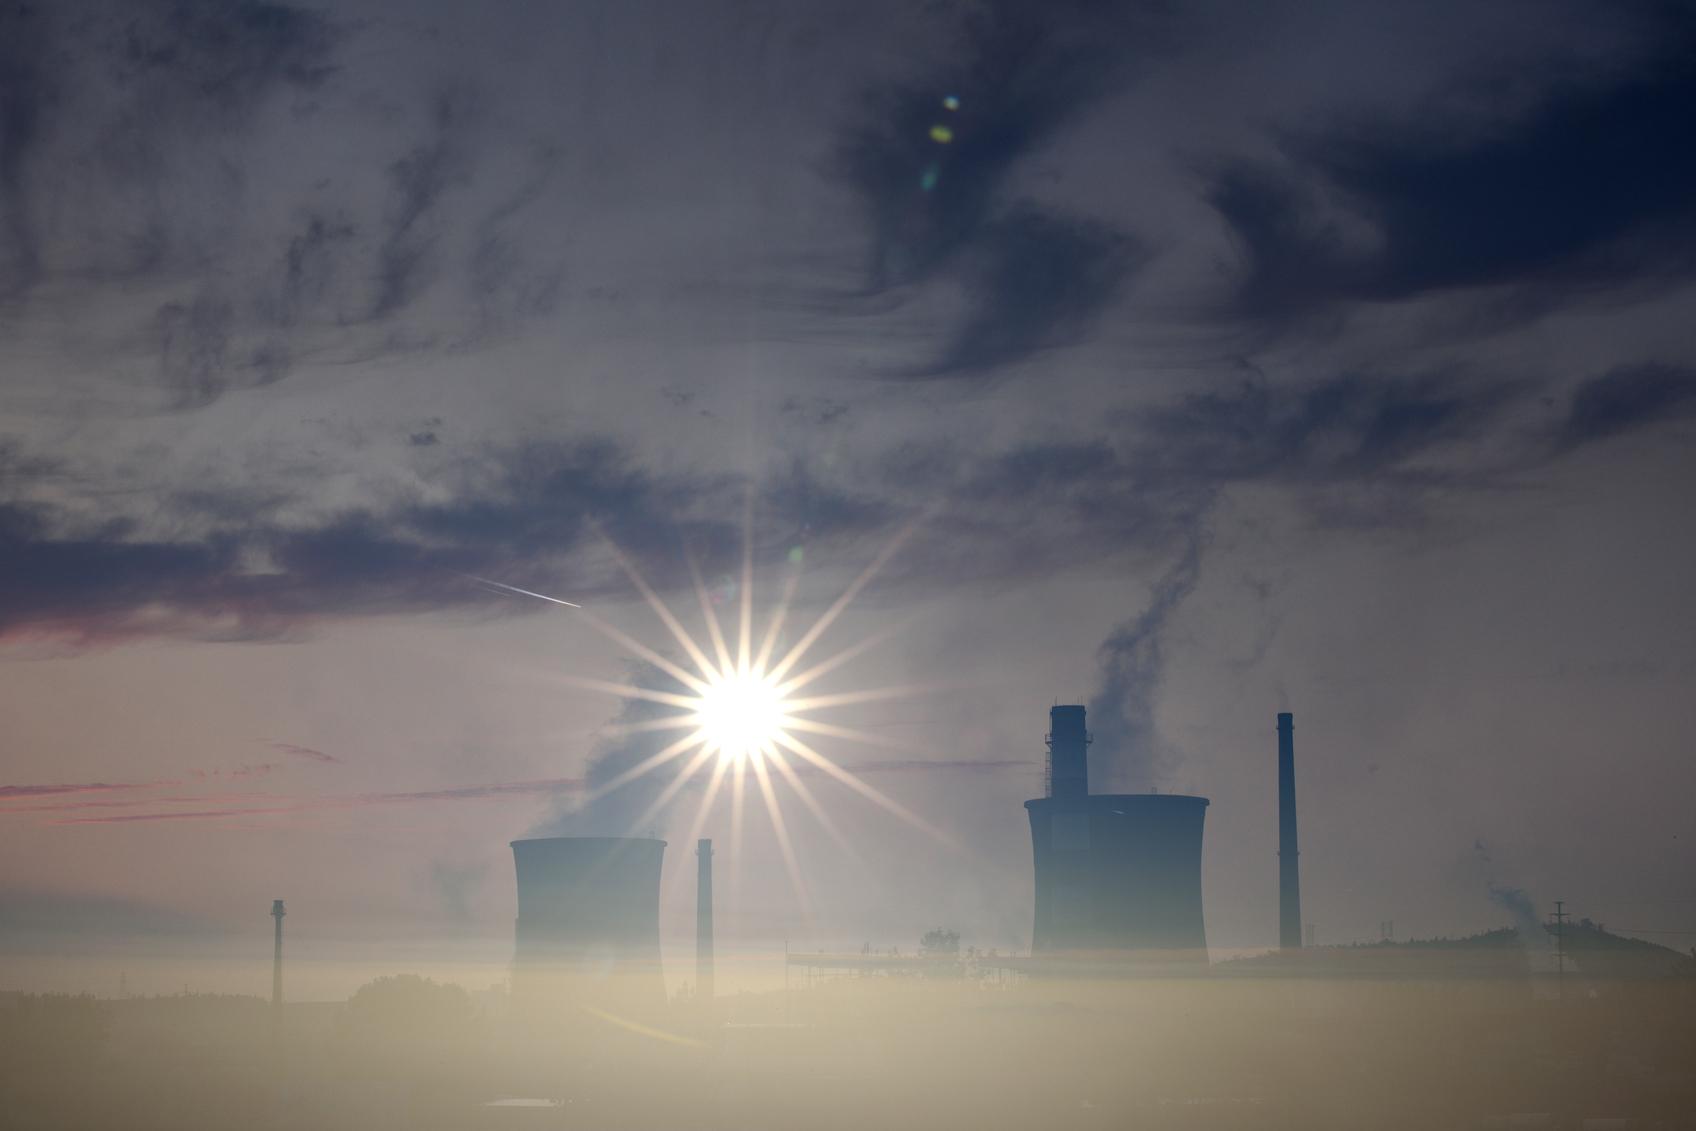 A nouvelles conditions climatiques, nouveaux paradigmes économiques | 04/07/2040